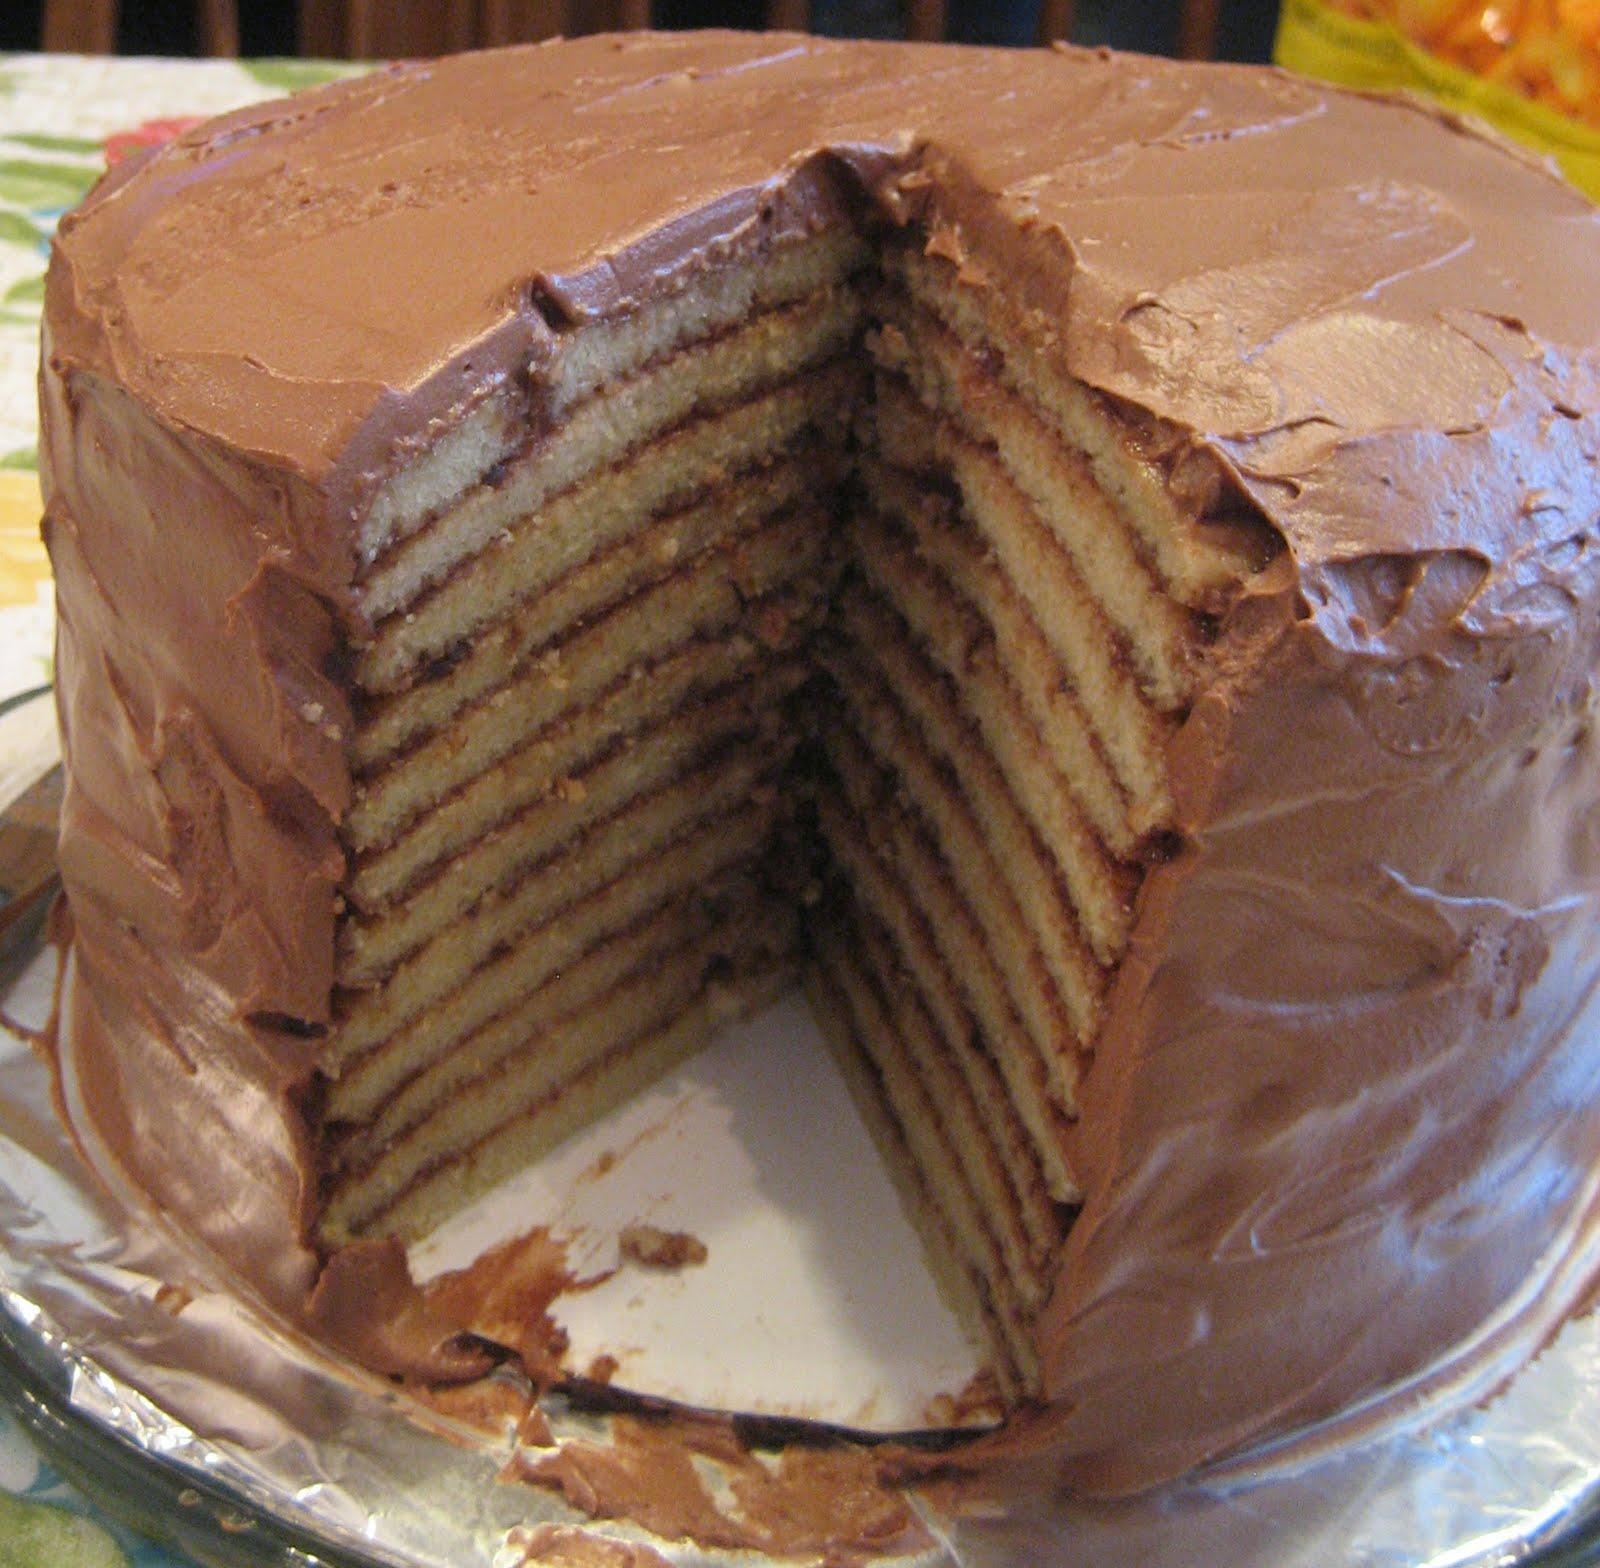 Teacher Baker Gourmet Meal Maker A 12 Layer Cake An